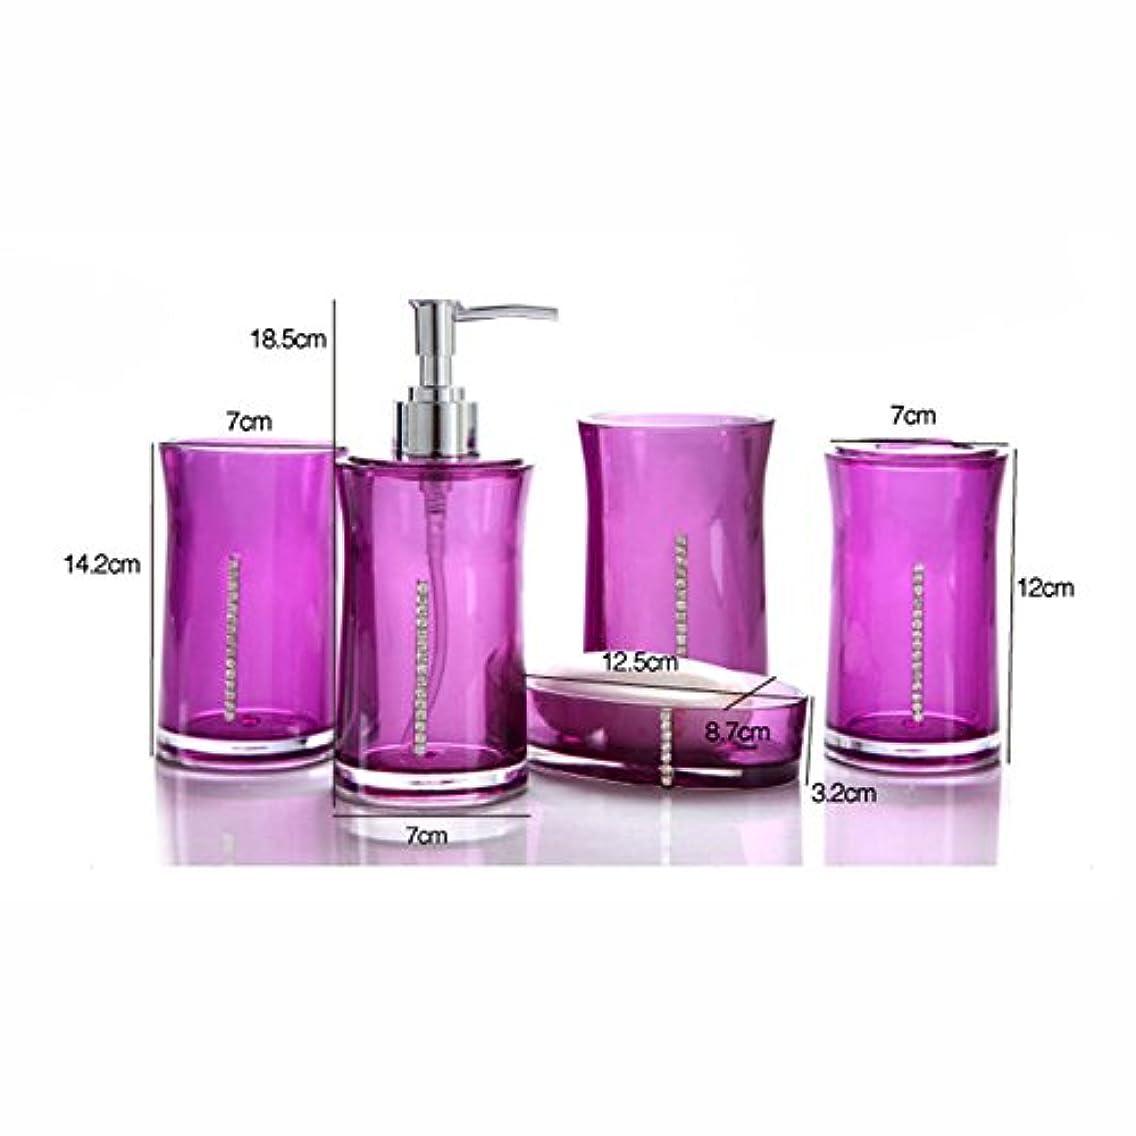 表現最適おもてなしxlp シャワージェルアクリルボトル、キッチンバス用シャンプー液体石鹸ディスペンサーボトル (紫)